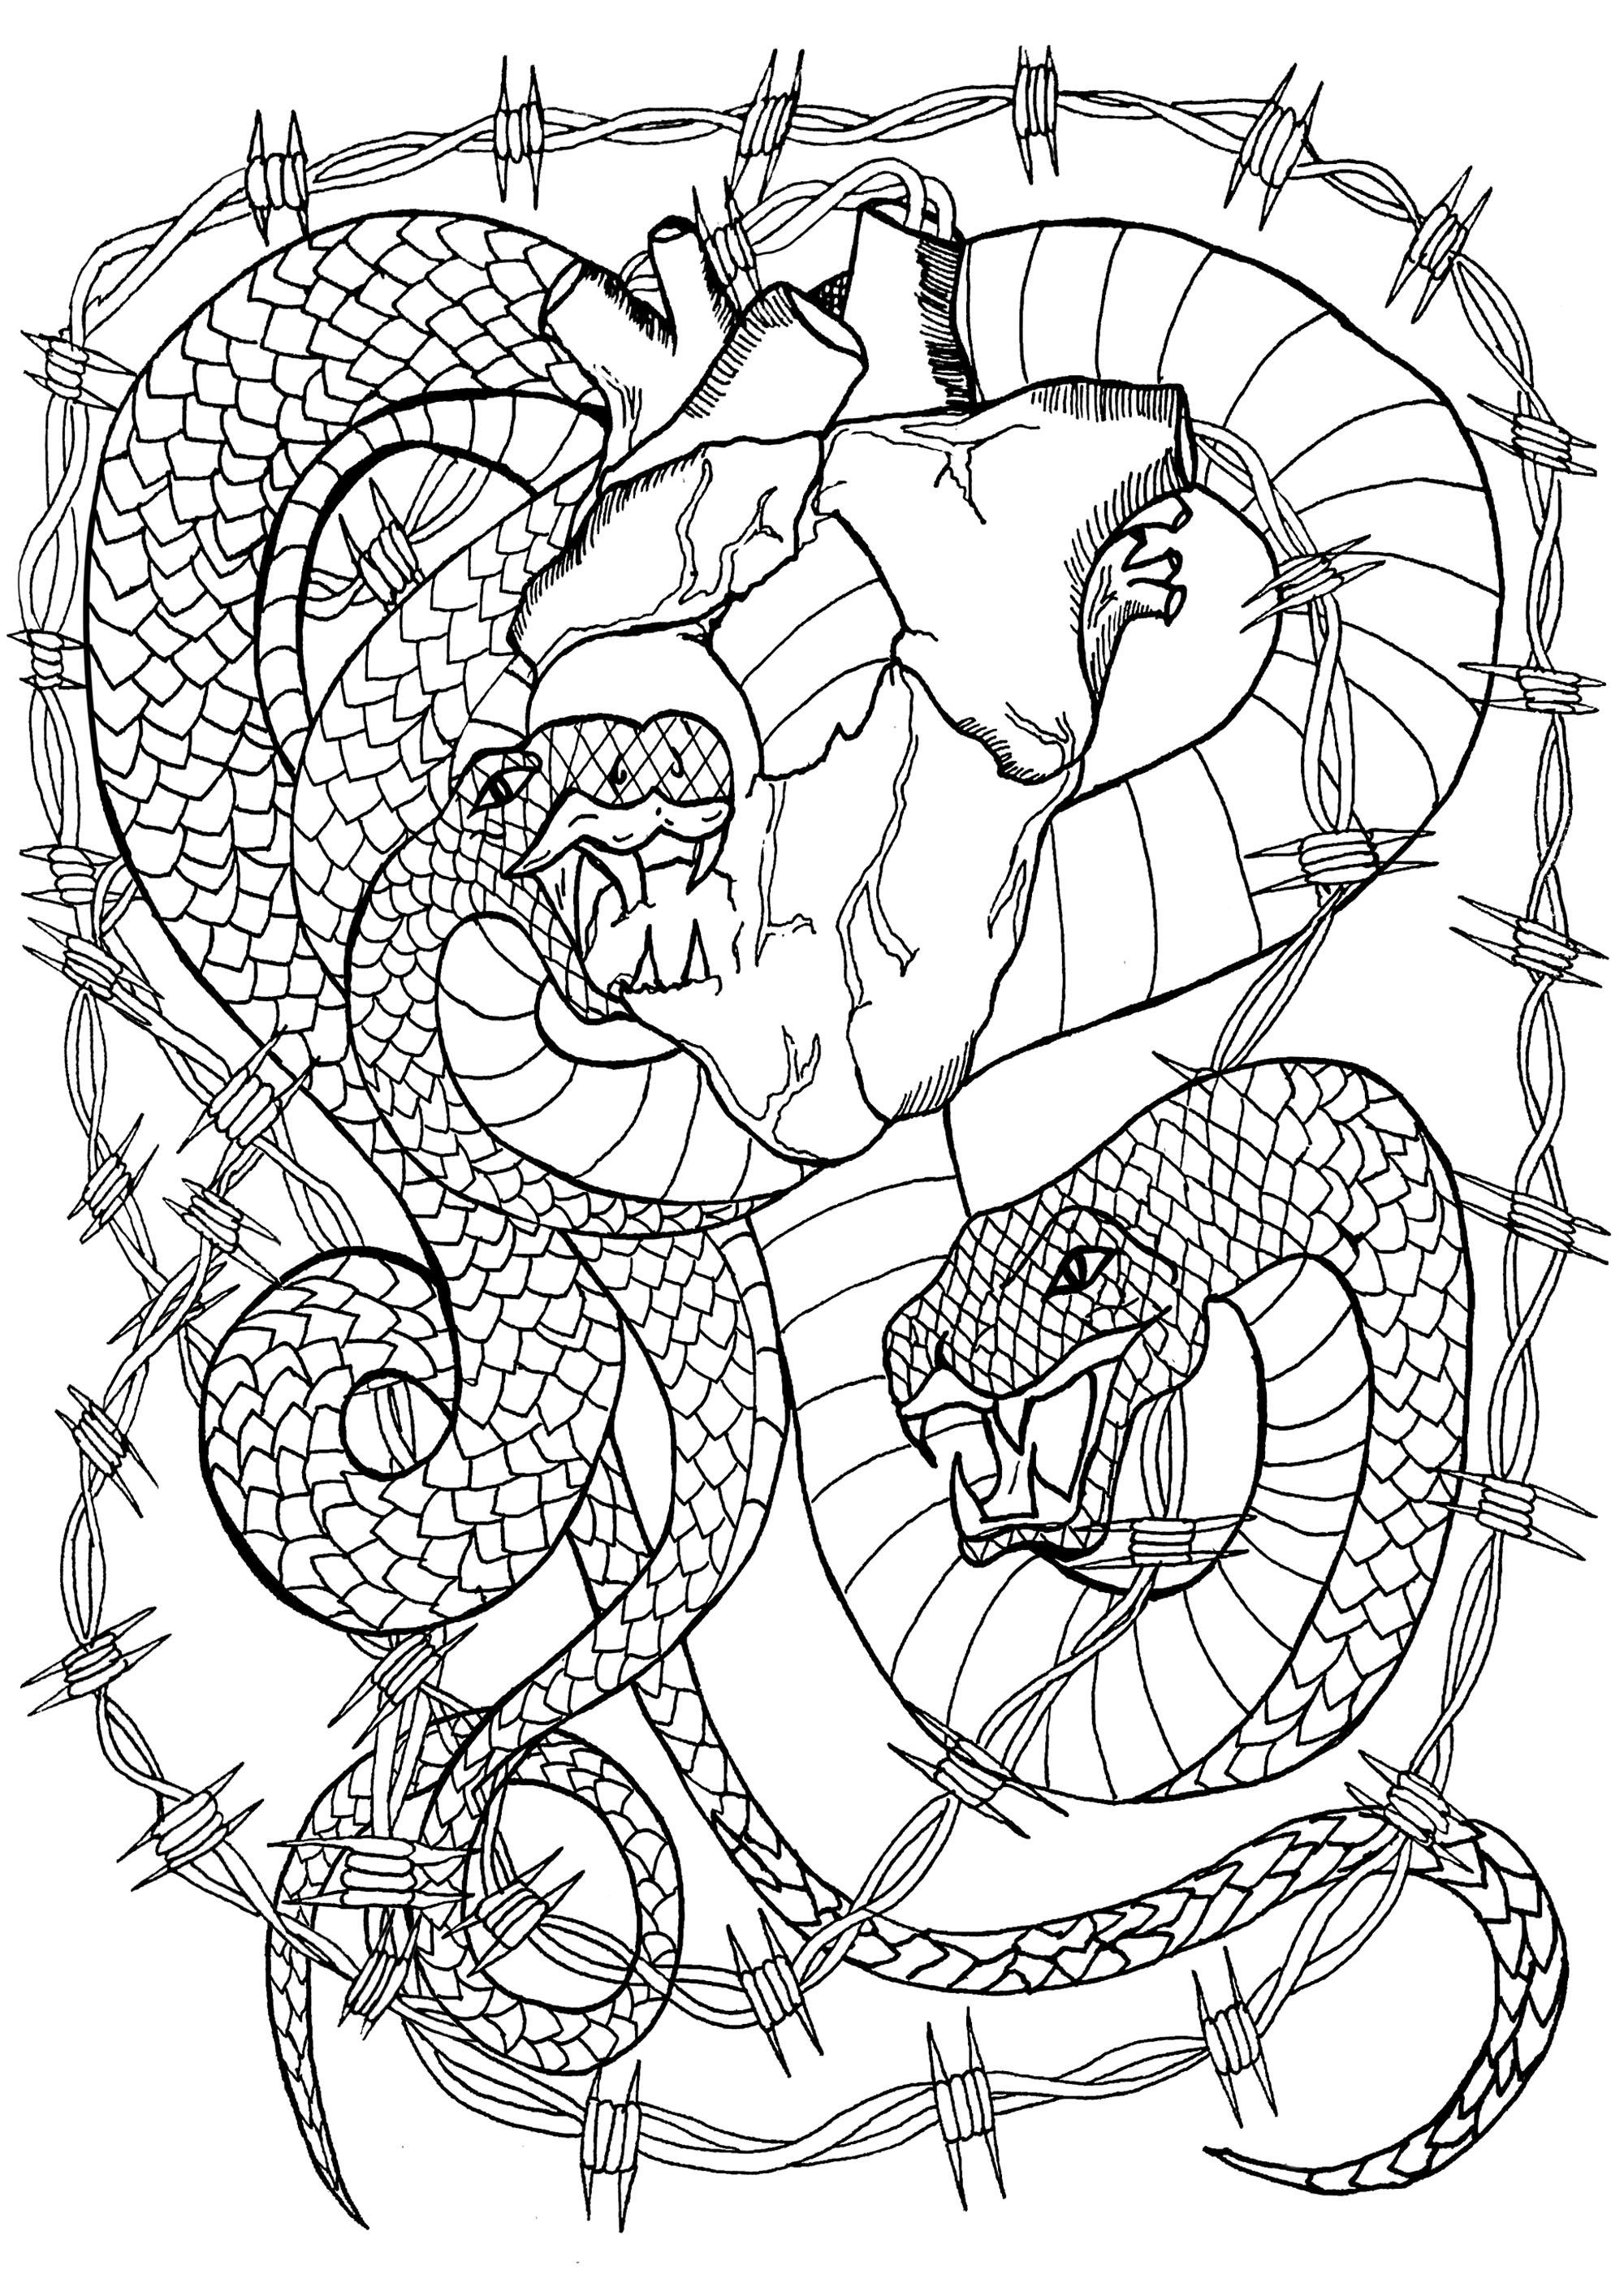 Disegni da Colorare per Adulti : Tatuaggi - 1